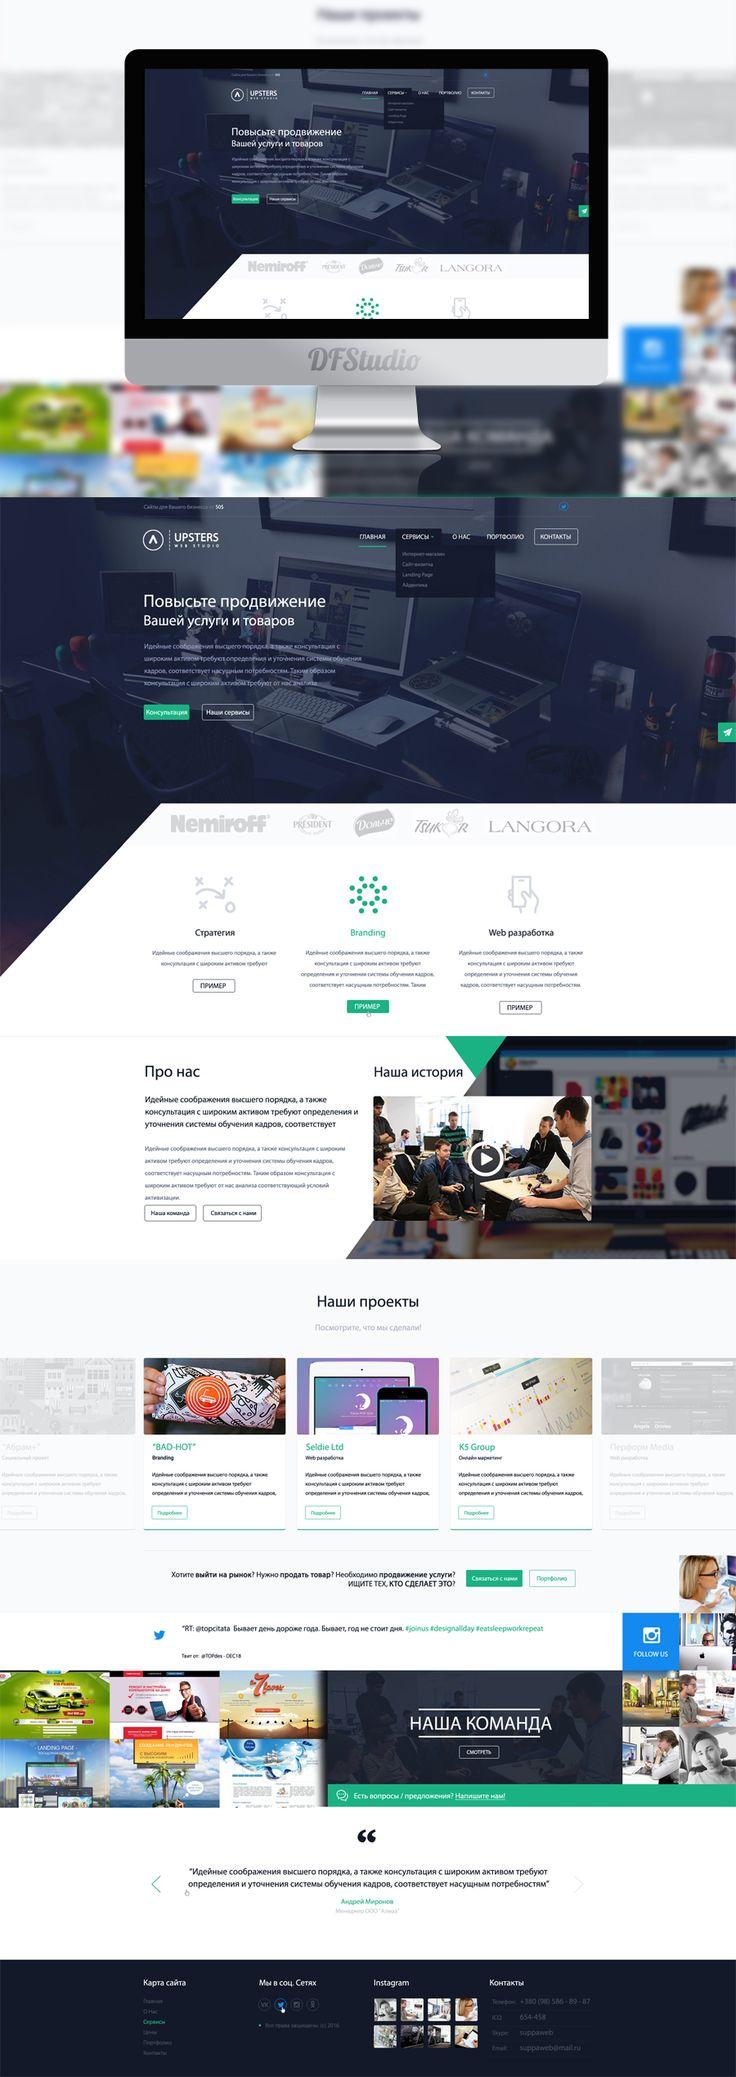 Дизайн сайта web студии — Работа №1 — Портфолио фрилансера Станислав Тырчин (Brerra) — Weblancer.net